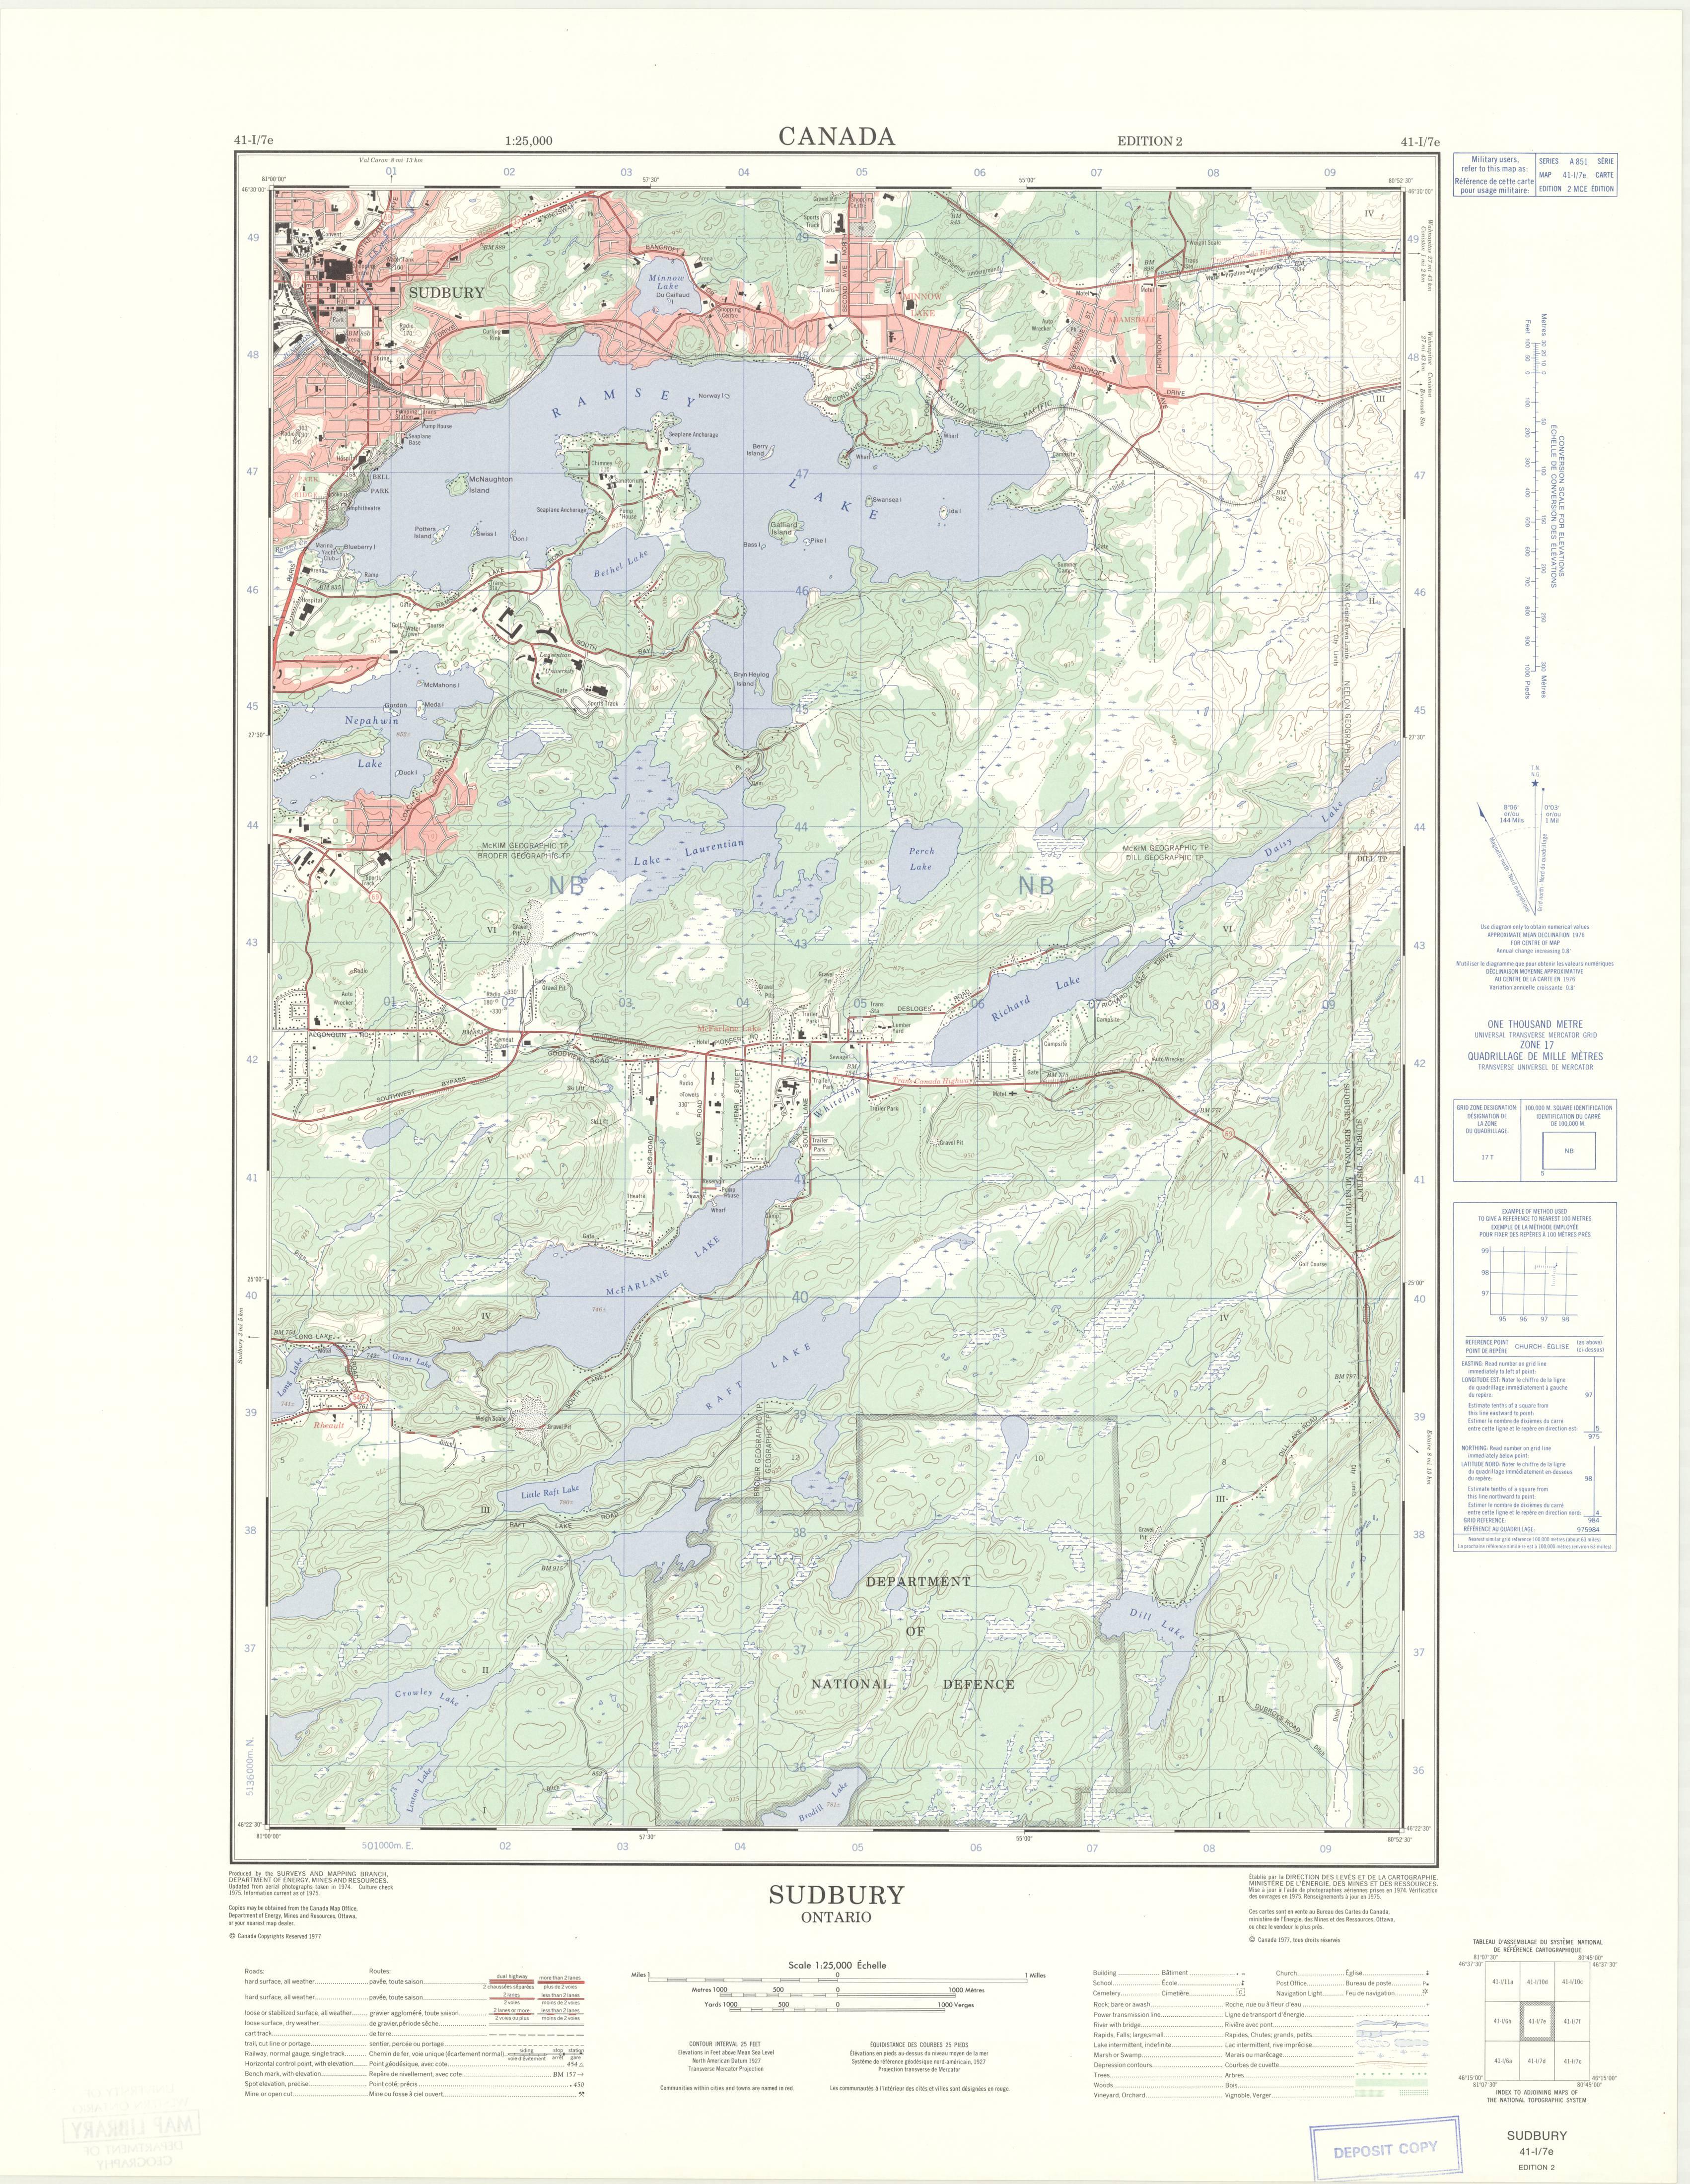 Sudbury, Ontario  1:25,000  Map Sheet 041I07E, ed  2, 1977